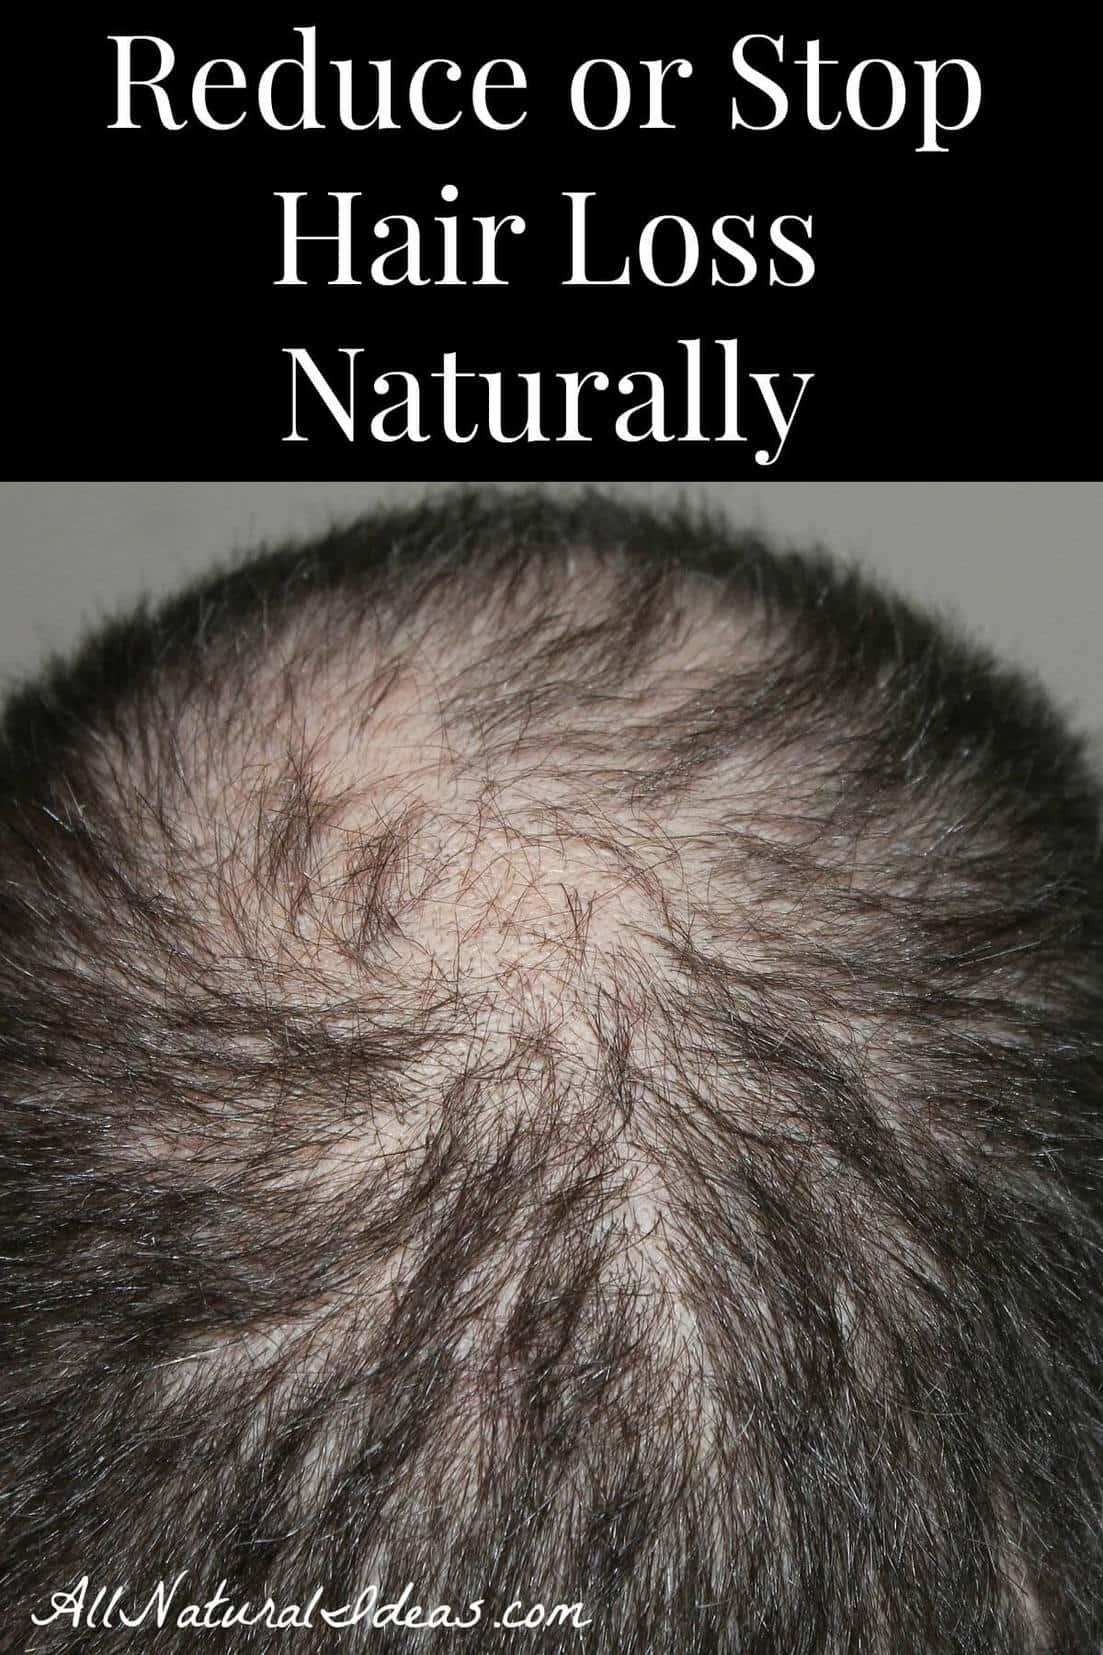 Reduce Hair Loss Naturally  All Natural Ideas